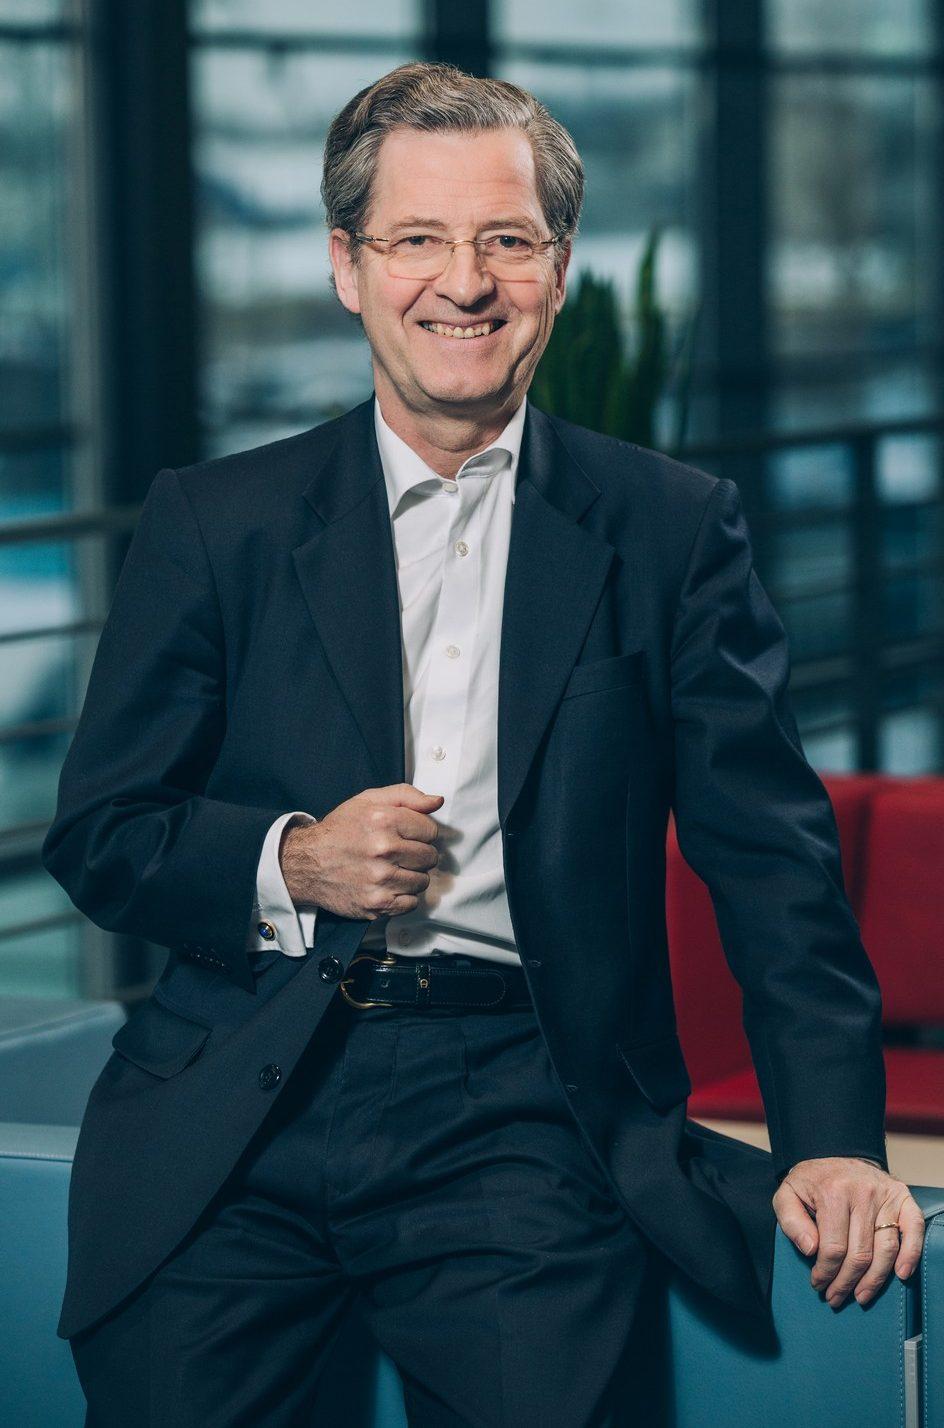 ЗАГЛЯНУТЬ ЗА ГОРИЗОНТ: Хансъюрген Оверштольц из Bosch Group о новых временах для лидеров